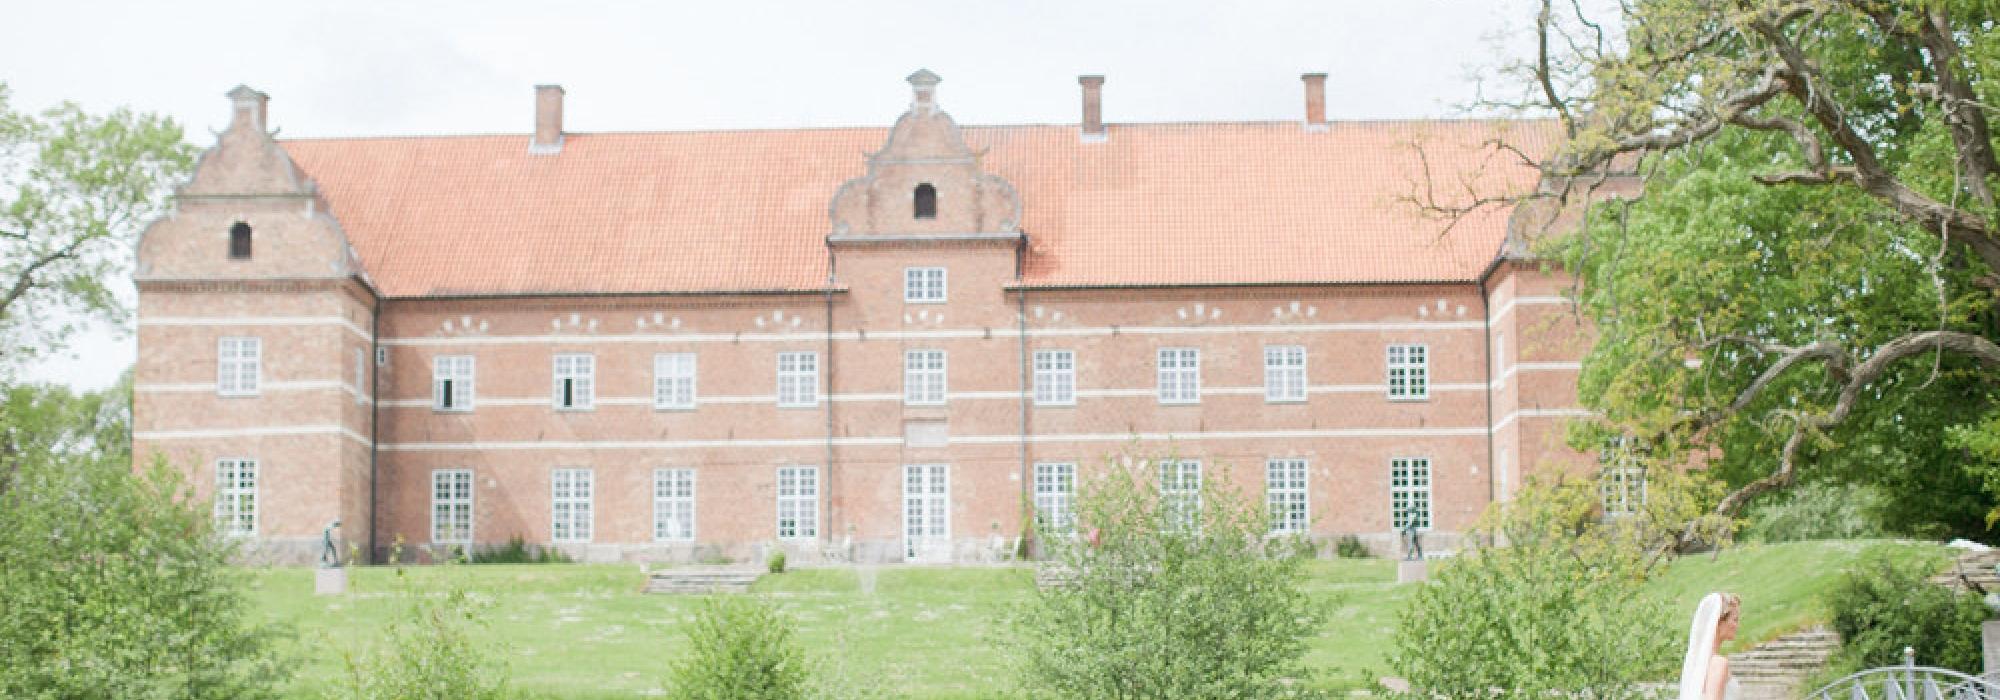 Næsbyholm Slot